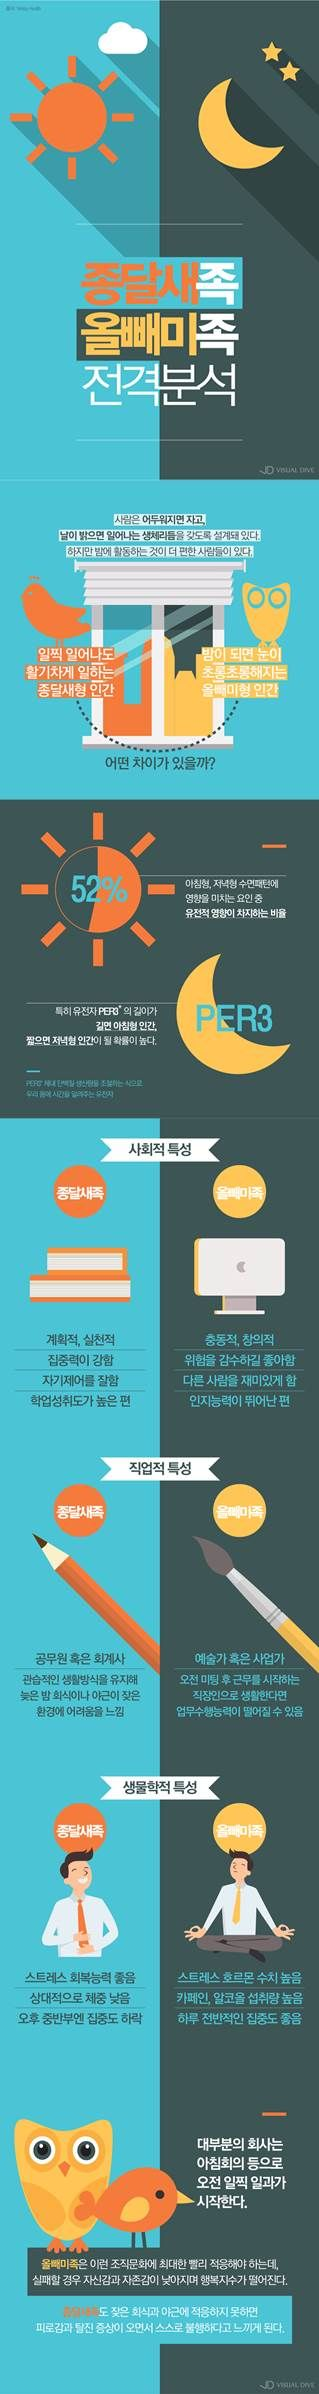 '종달새족' vs '올빼미족'…당신의 성향은? [인포그래픽] #type / #Infographic ⓒ 비주얼다이브 무단 복사·전재·재배포 금지